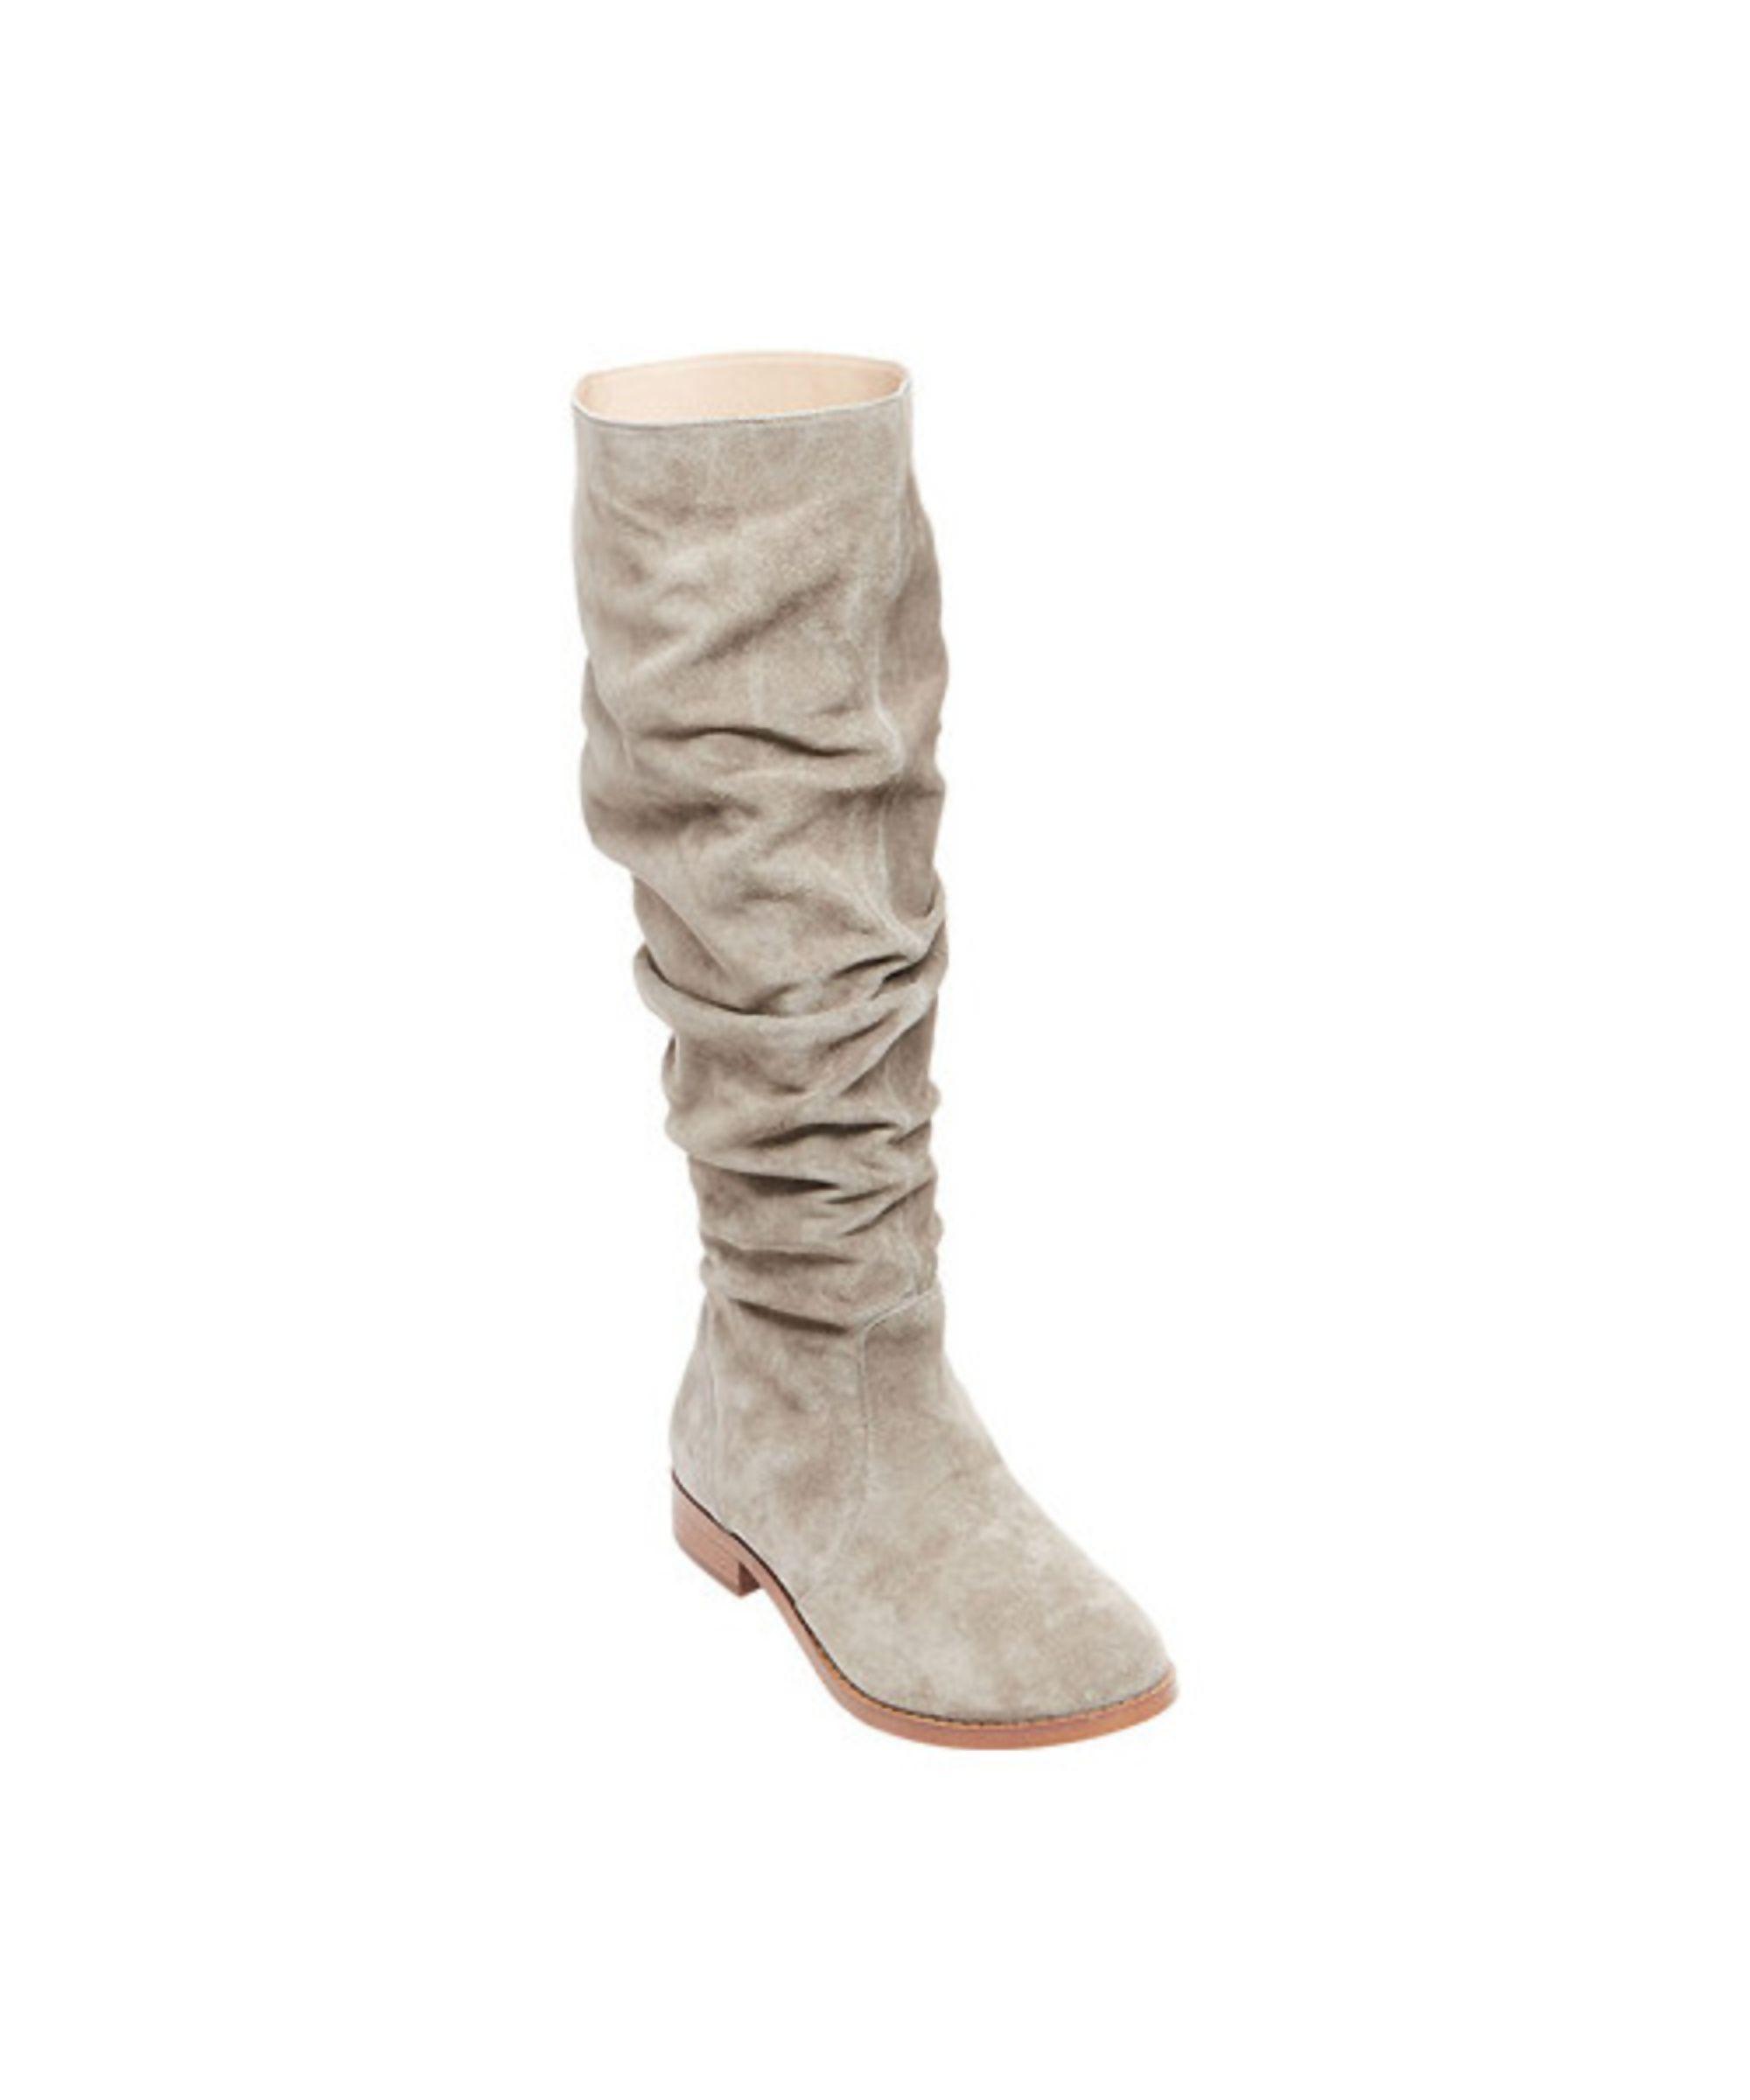 STEVE MADDEN | Steve Madden Women's Beacon Knee High Boot #Shoes #Pumps &  High